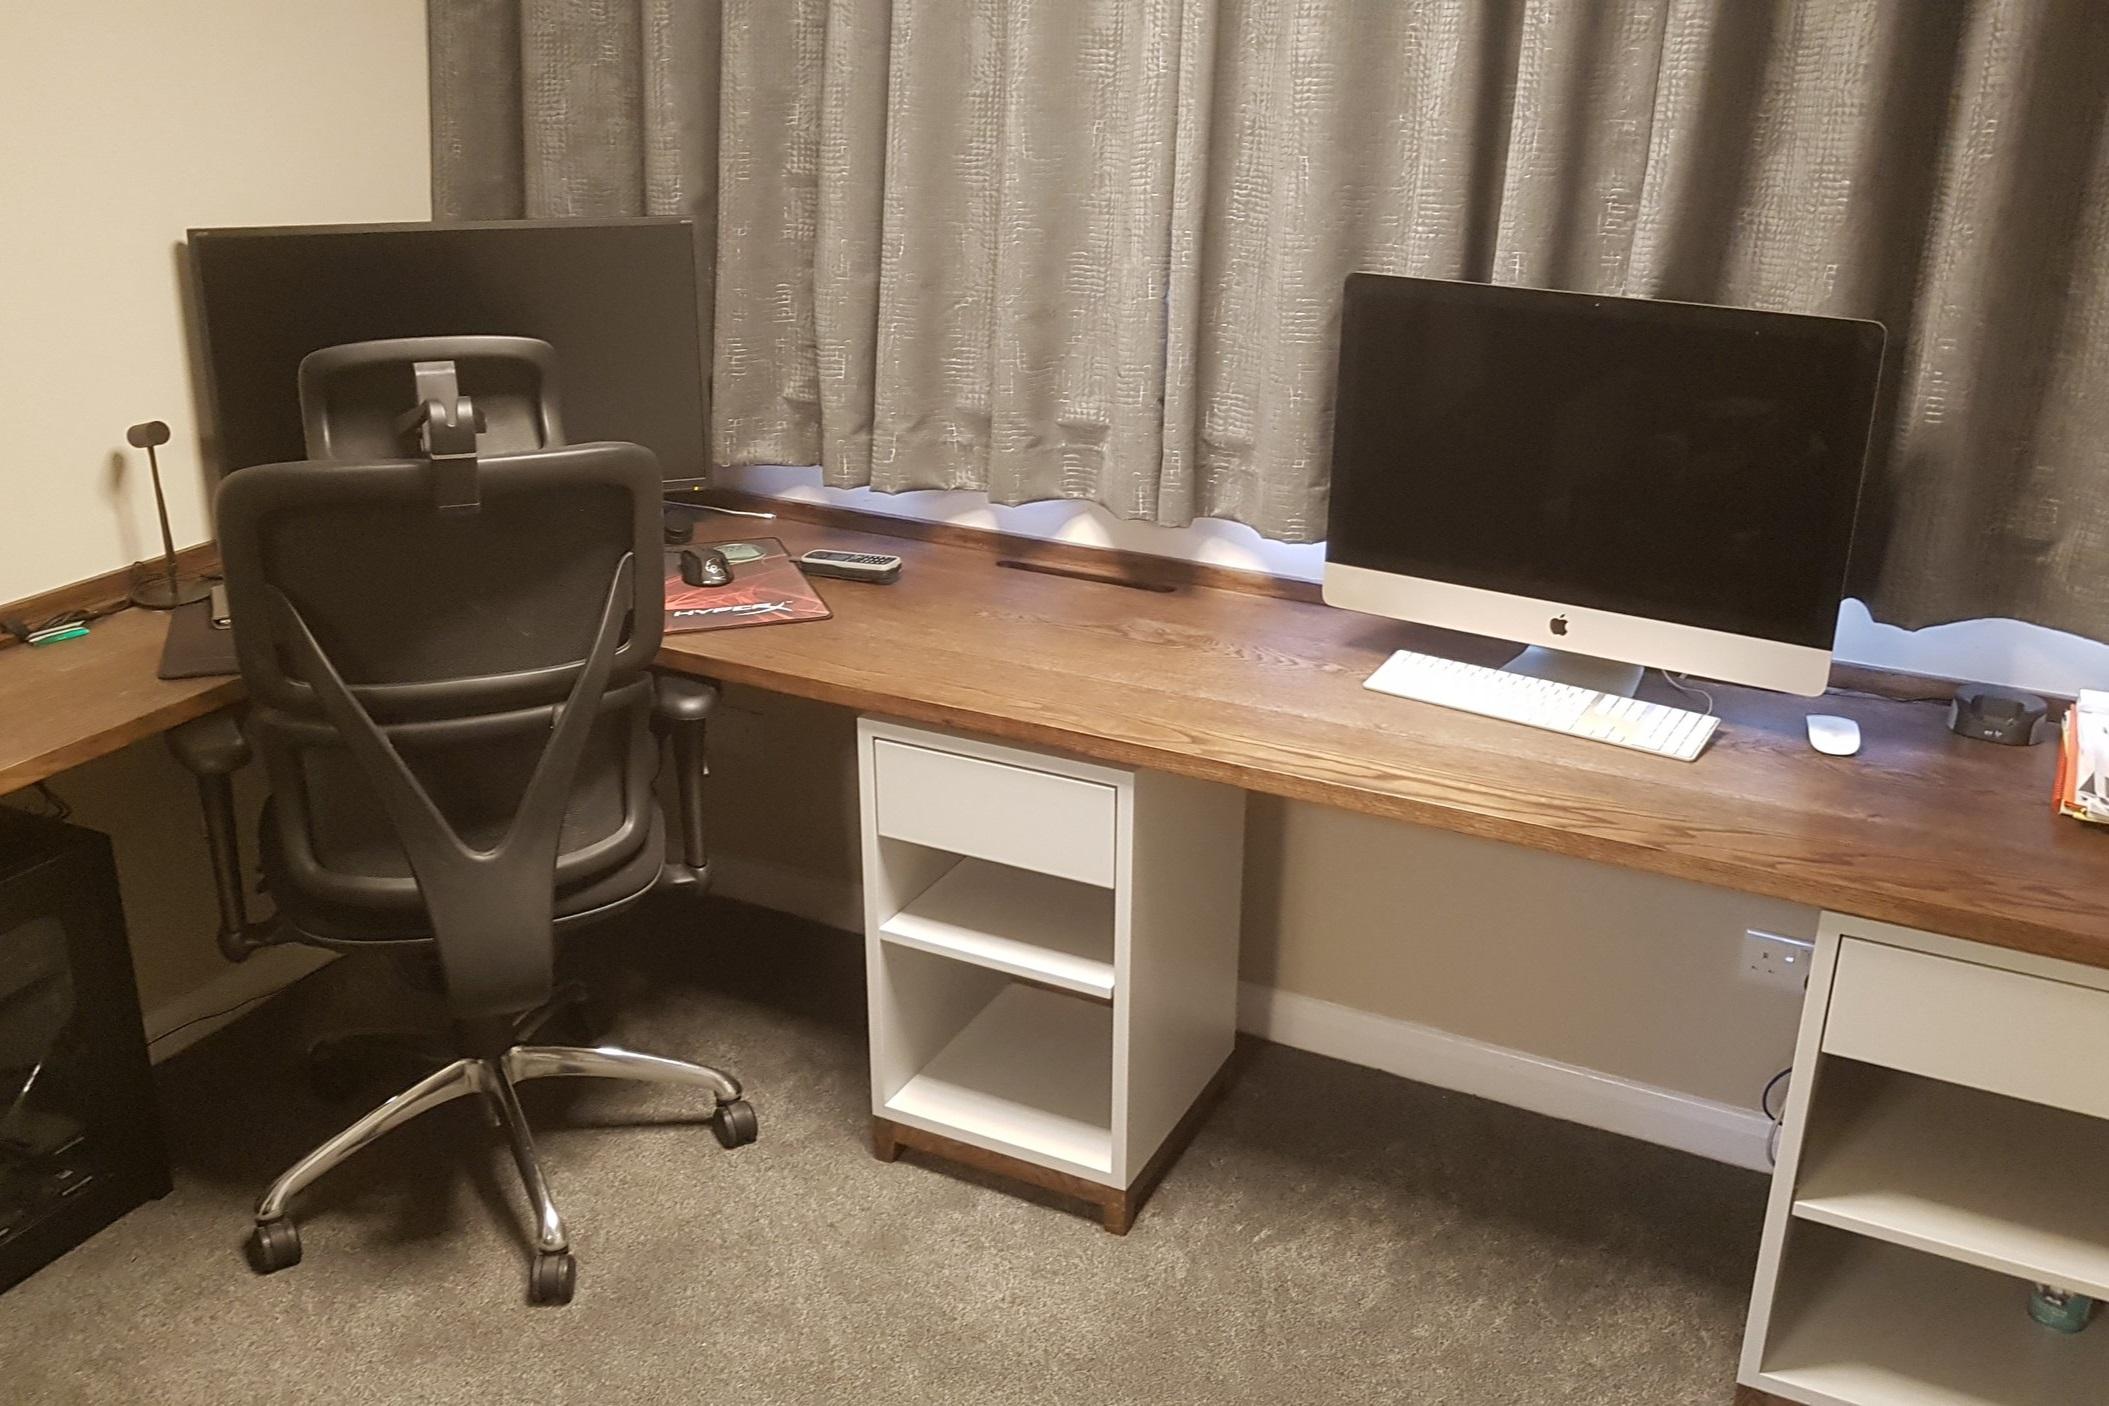 home office desk.jpg